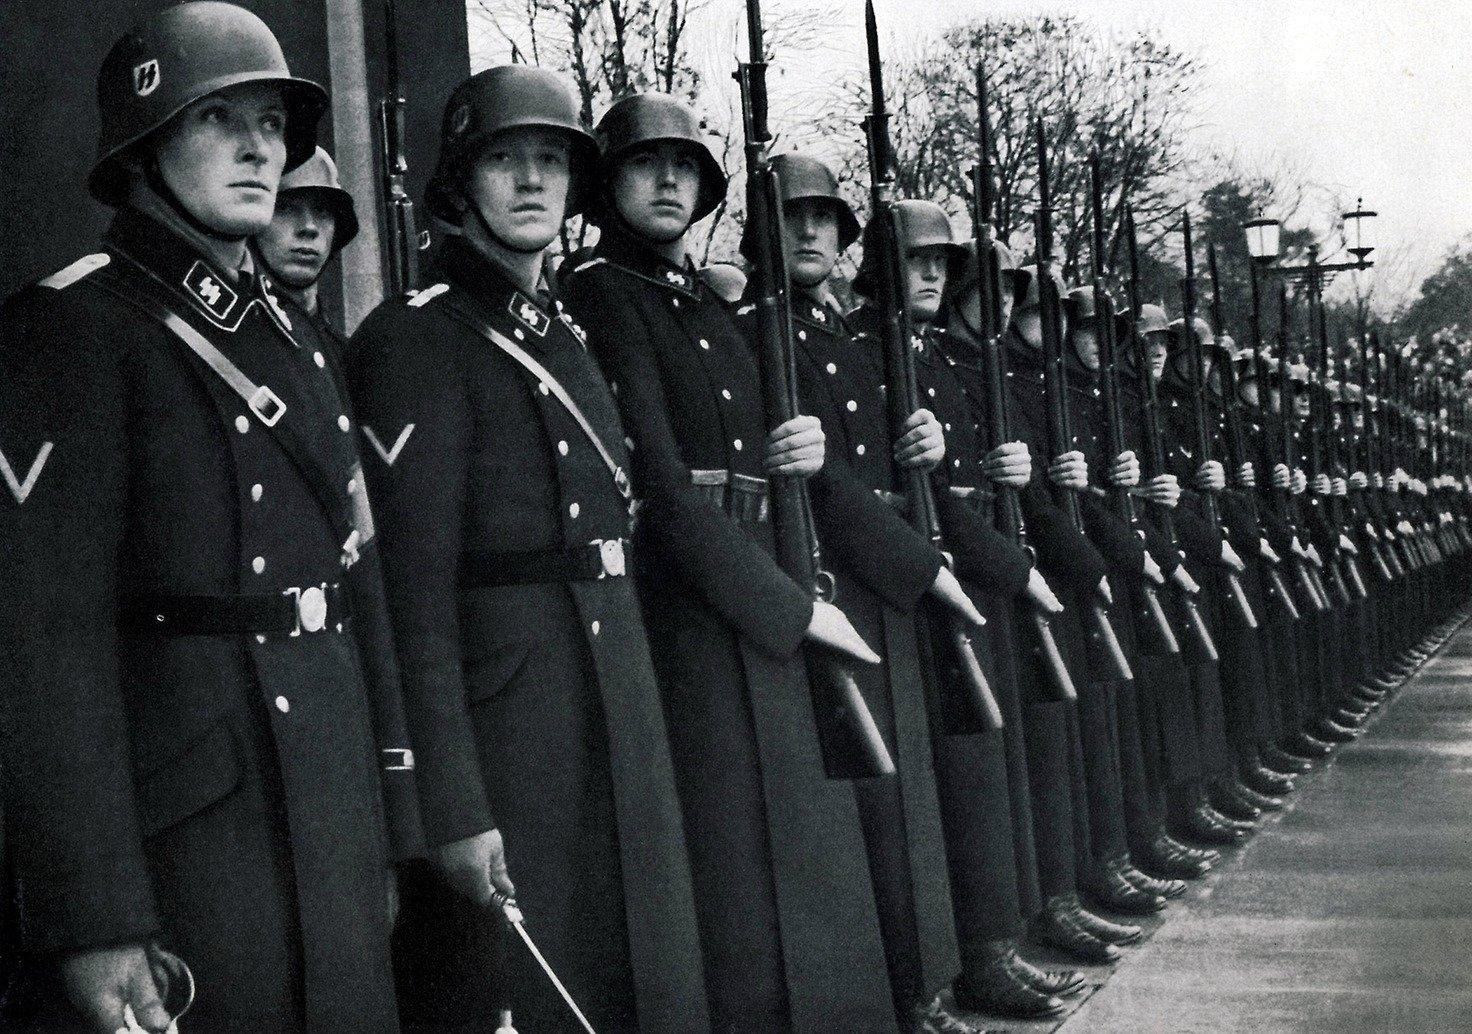 Hitler nechtěl Česko zničit. Kdyby nacisté vyhráli válku, žili bychom dnes úplně jinak - anotační obrázek